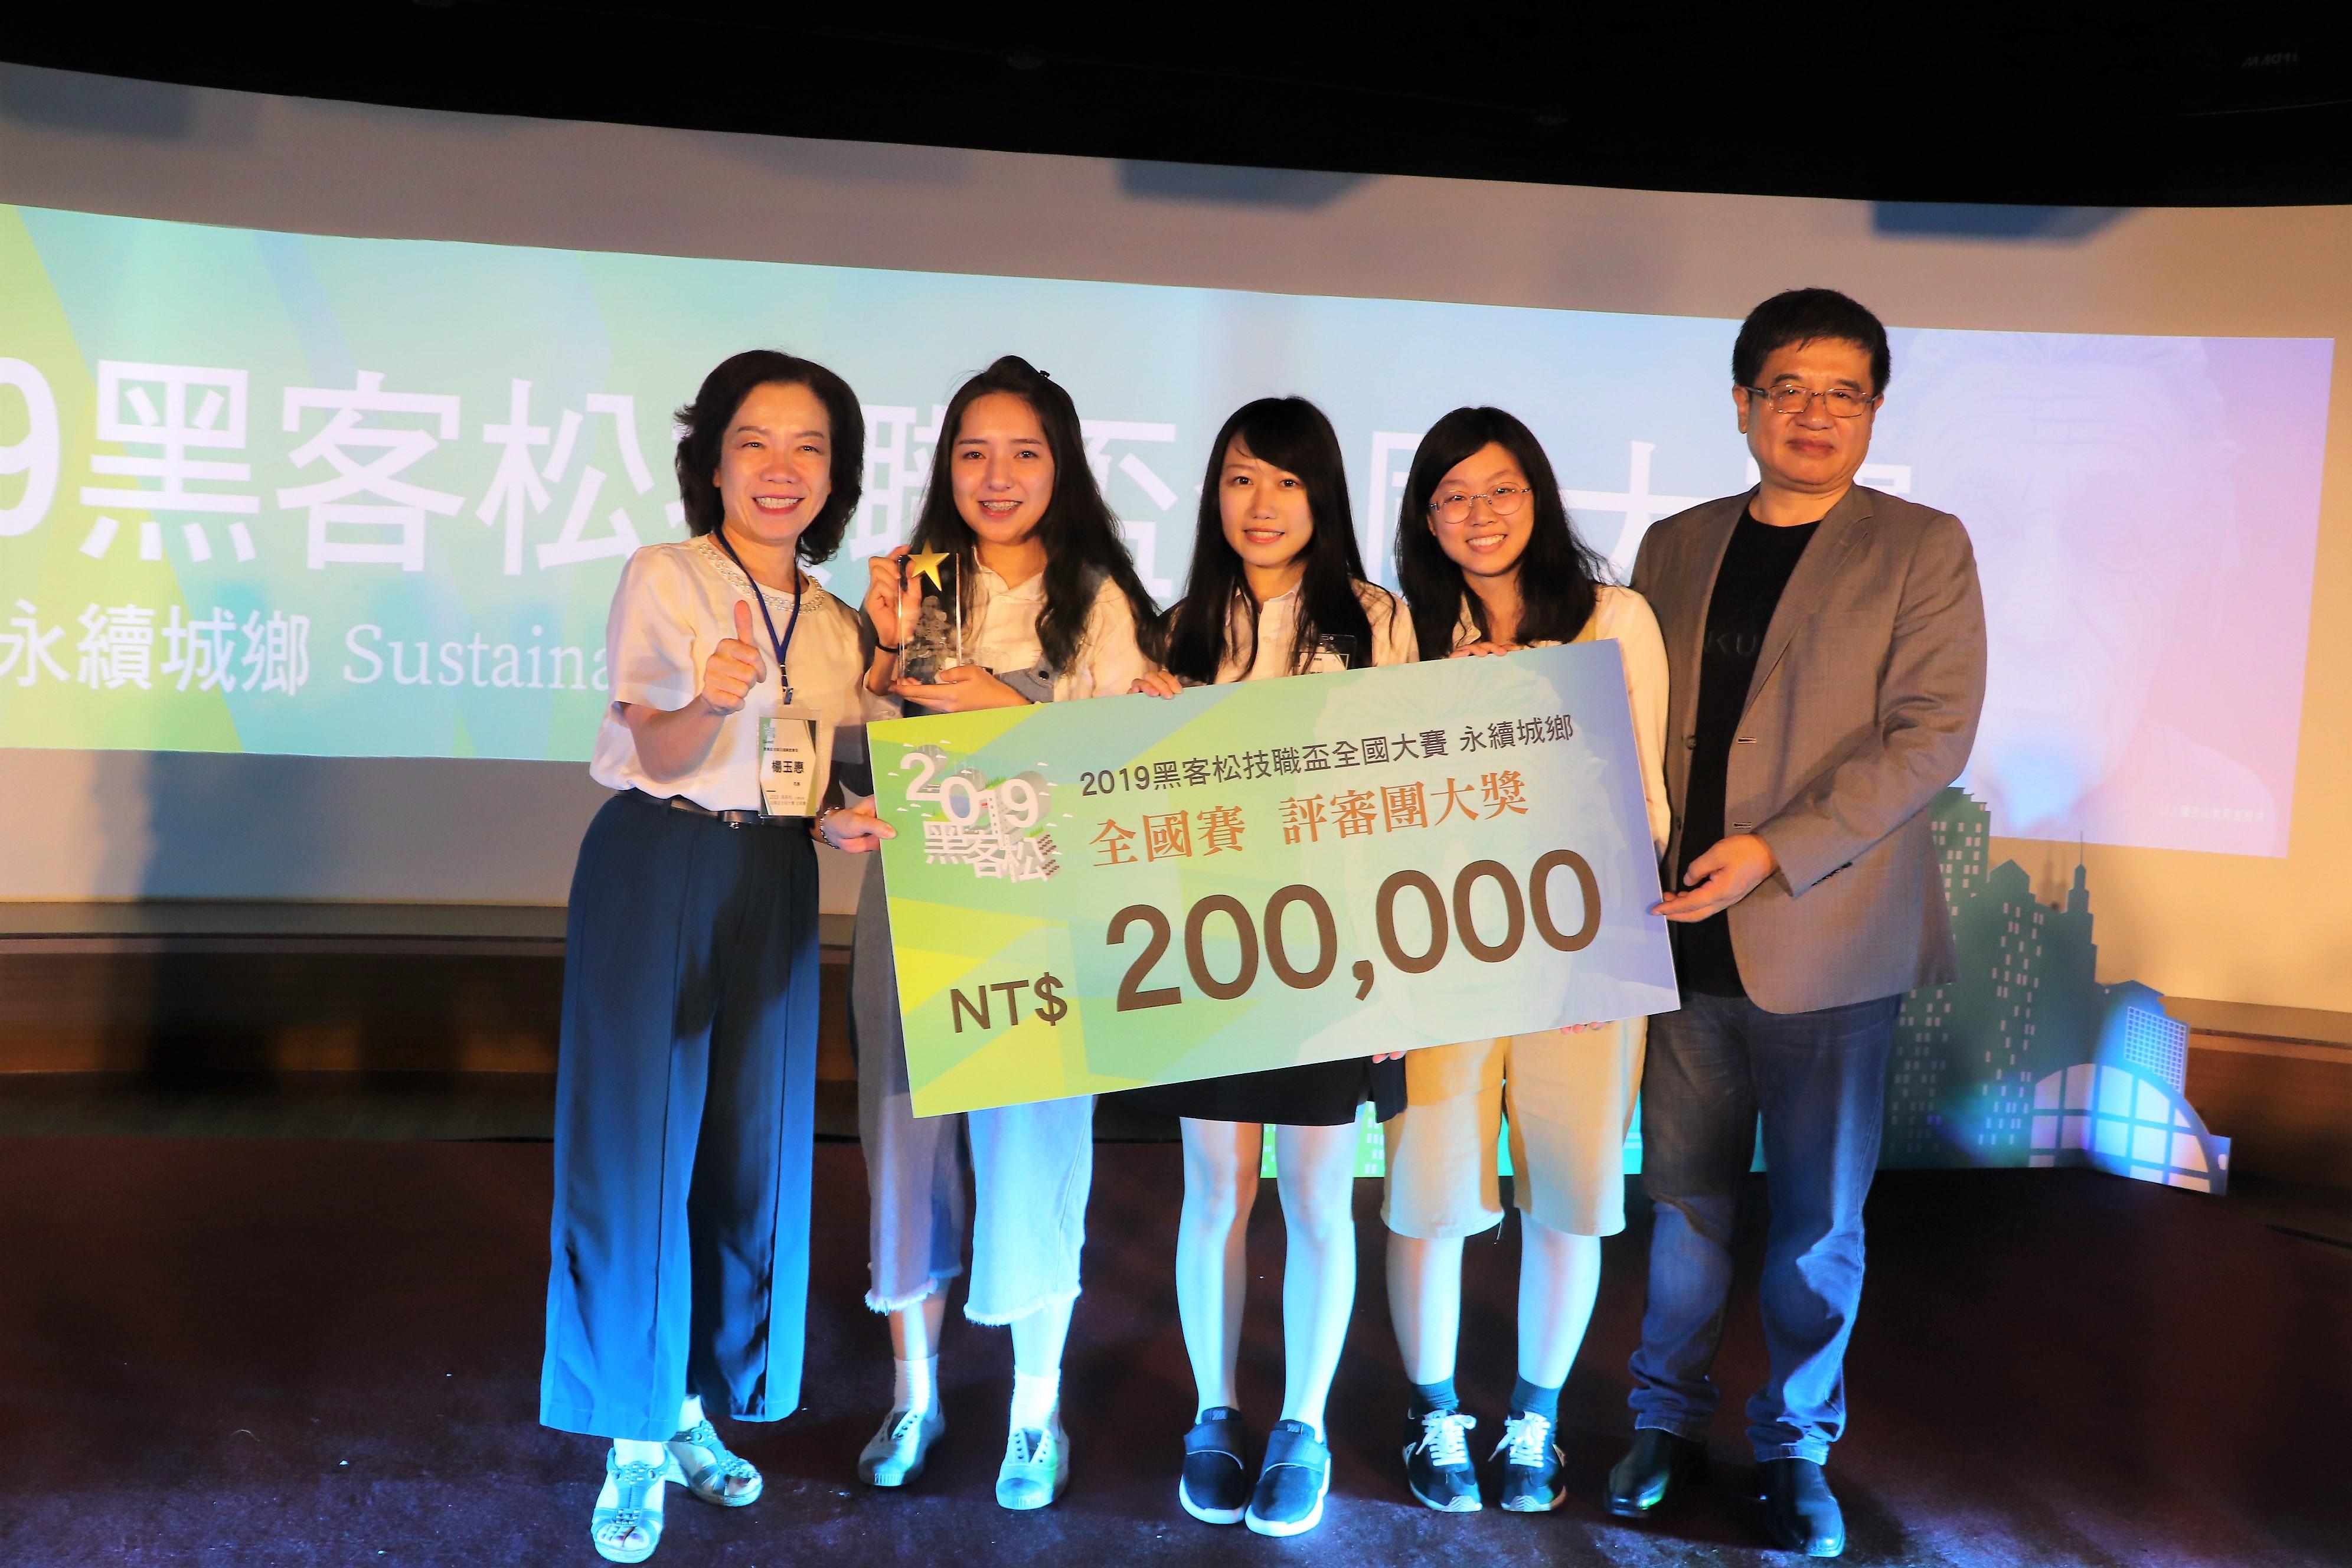 國立臺北科技大學「顆顆顆」團隊獲得評審團大獎.JPG_大圖